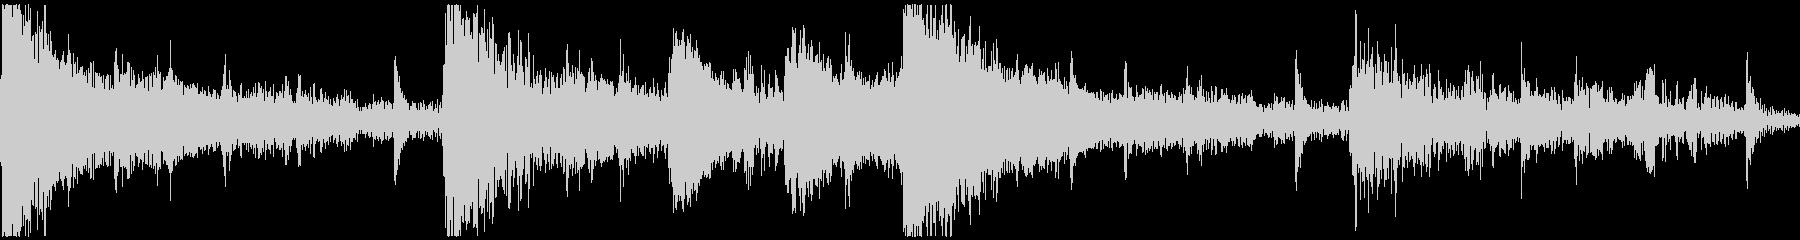 <ショートループ> ピアノ③+ビートCの未再生の波形